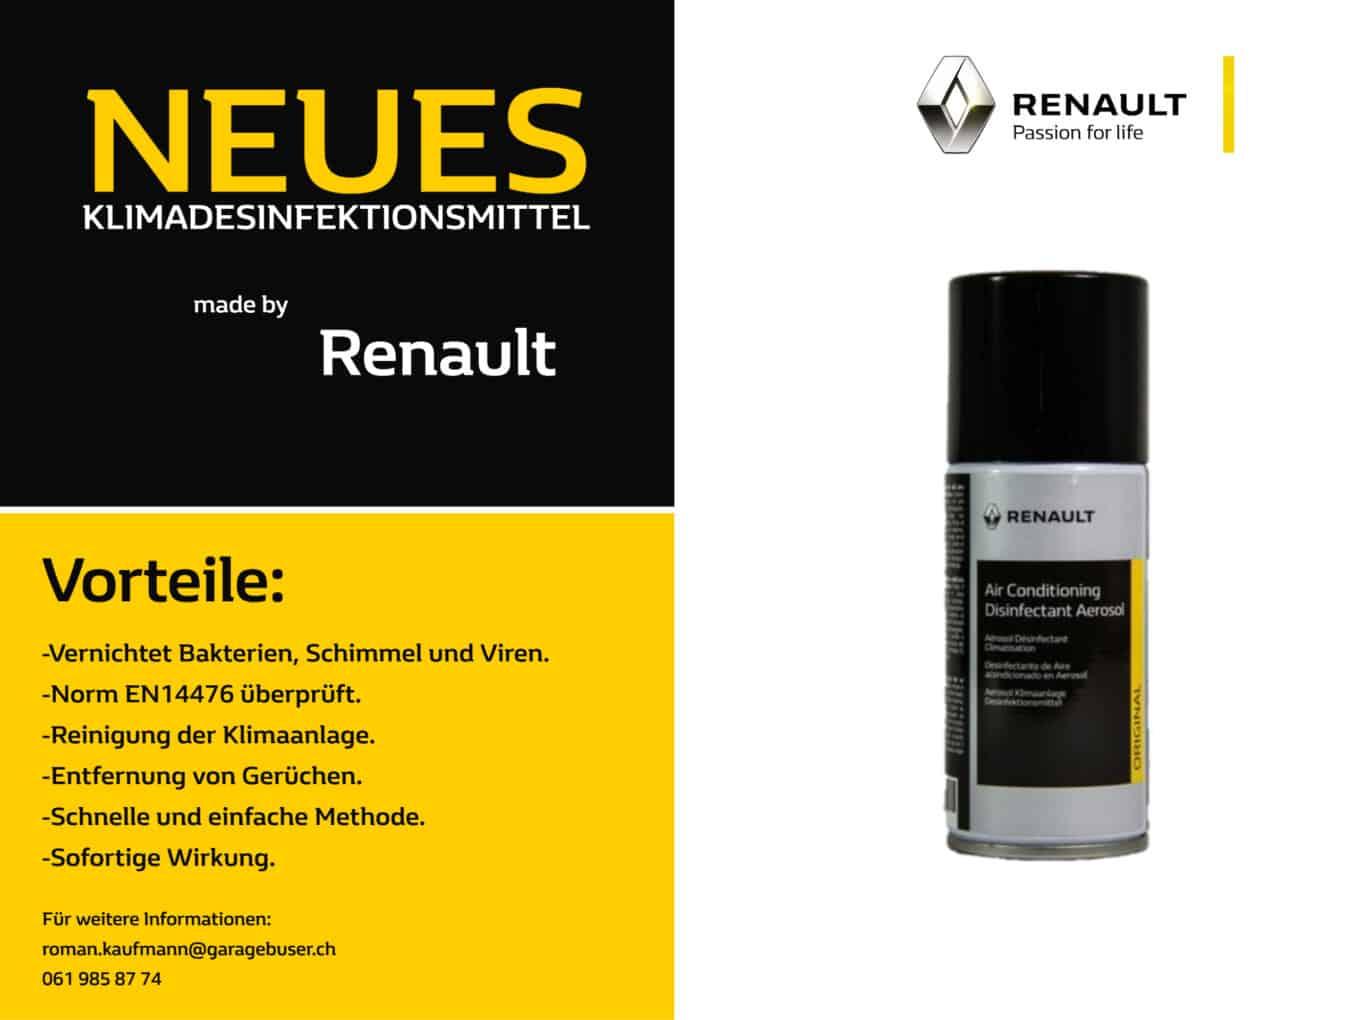 Klimadesinfektion, neues Mittel von Renault